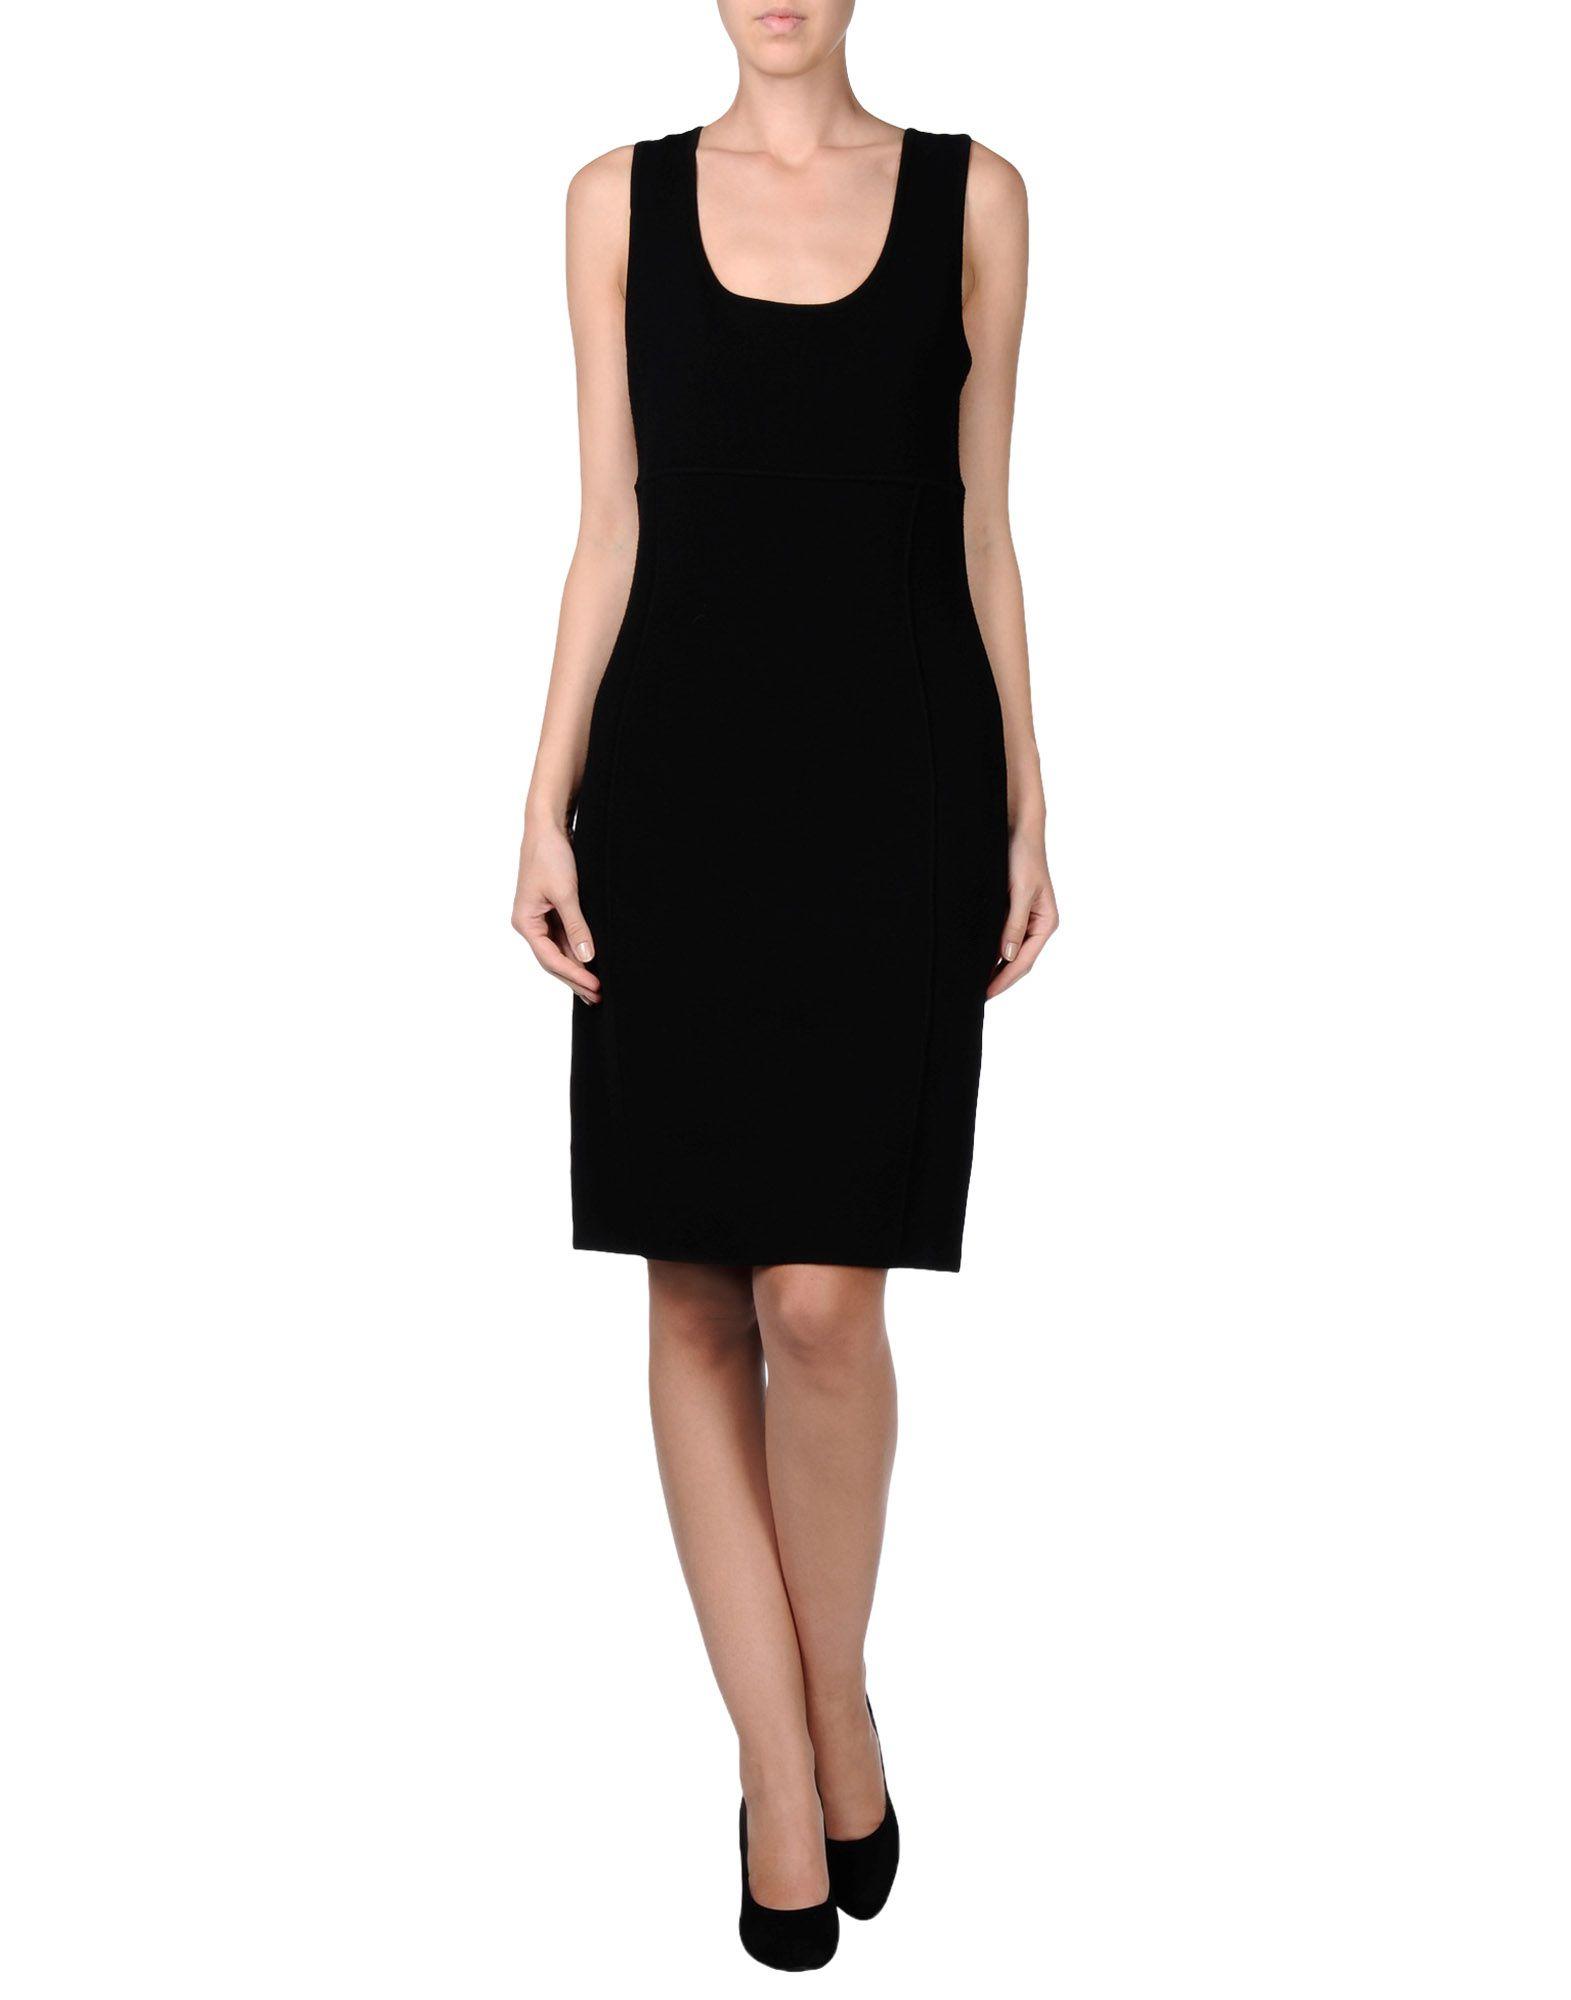 michael kors knee length dress in black lyst